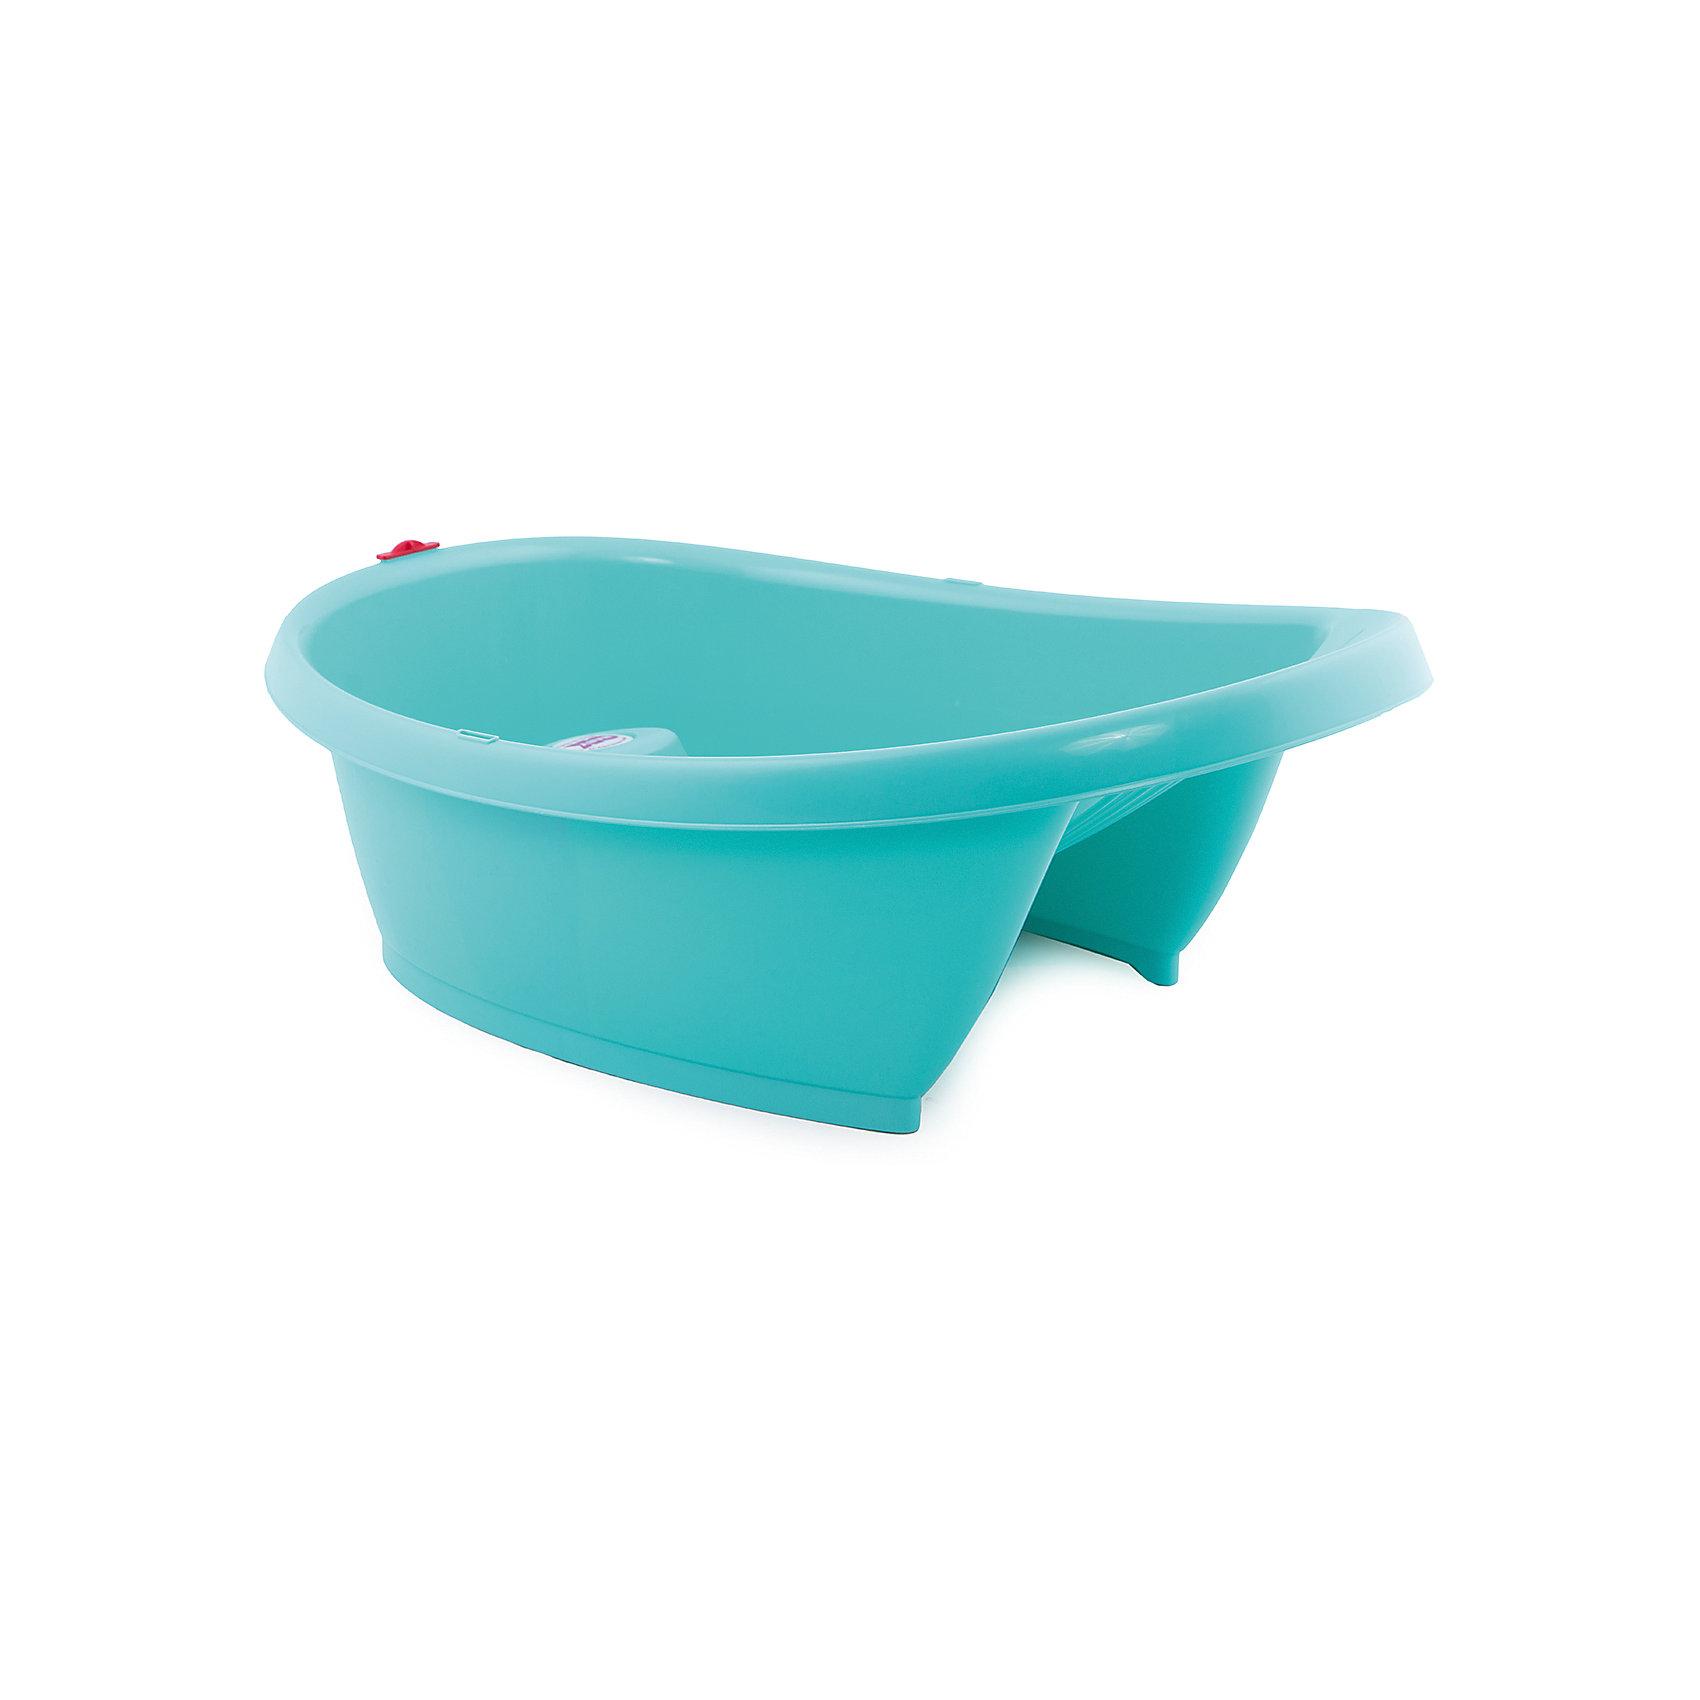 Ванночка Onda, Ok Baby, бирюзовыйВанночка Onda подарит малышам безопасное и комфортное купание. Ванночка удерживает кроху в идеальном для купания положение, не позволяя ему соскользнуть под воду. Противоскользящие резиновые колпачки обеспечивают устойчивость на плоских поверхностях. Изделие выполнено из высококачественных экологичных материалов безопасных для детей. <br><br>Дополнительная информация:<br><br>- Материал: пластик.<br>- Размер: 42х24х63 см. <br>- Максимальный объем: 16 л.<br>- Возможна установка на большую ванну (при наличии крепления).<br>- Эргономичный дизайн<br>- Компактная и легкая.<br>- Встроенный термометр.<br>- Индикатор максимального уровня воды.<br>- Пробка для слива воды.<br><br>Ванночку Onda, Ok Baby, бирюзовую, можно купить в нашем магазине.<br><br>Ширина мм: 630<br>Глубина мм: 420<br>Высота мм: 240<br>Вес г: 2500<br>Возраст от месяцев: 0<br>Возраст до месяцев: 12<br>Пол: Унисекс<br>Возраст: Детский<br>SKU: 4443733